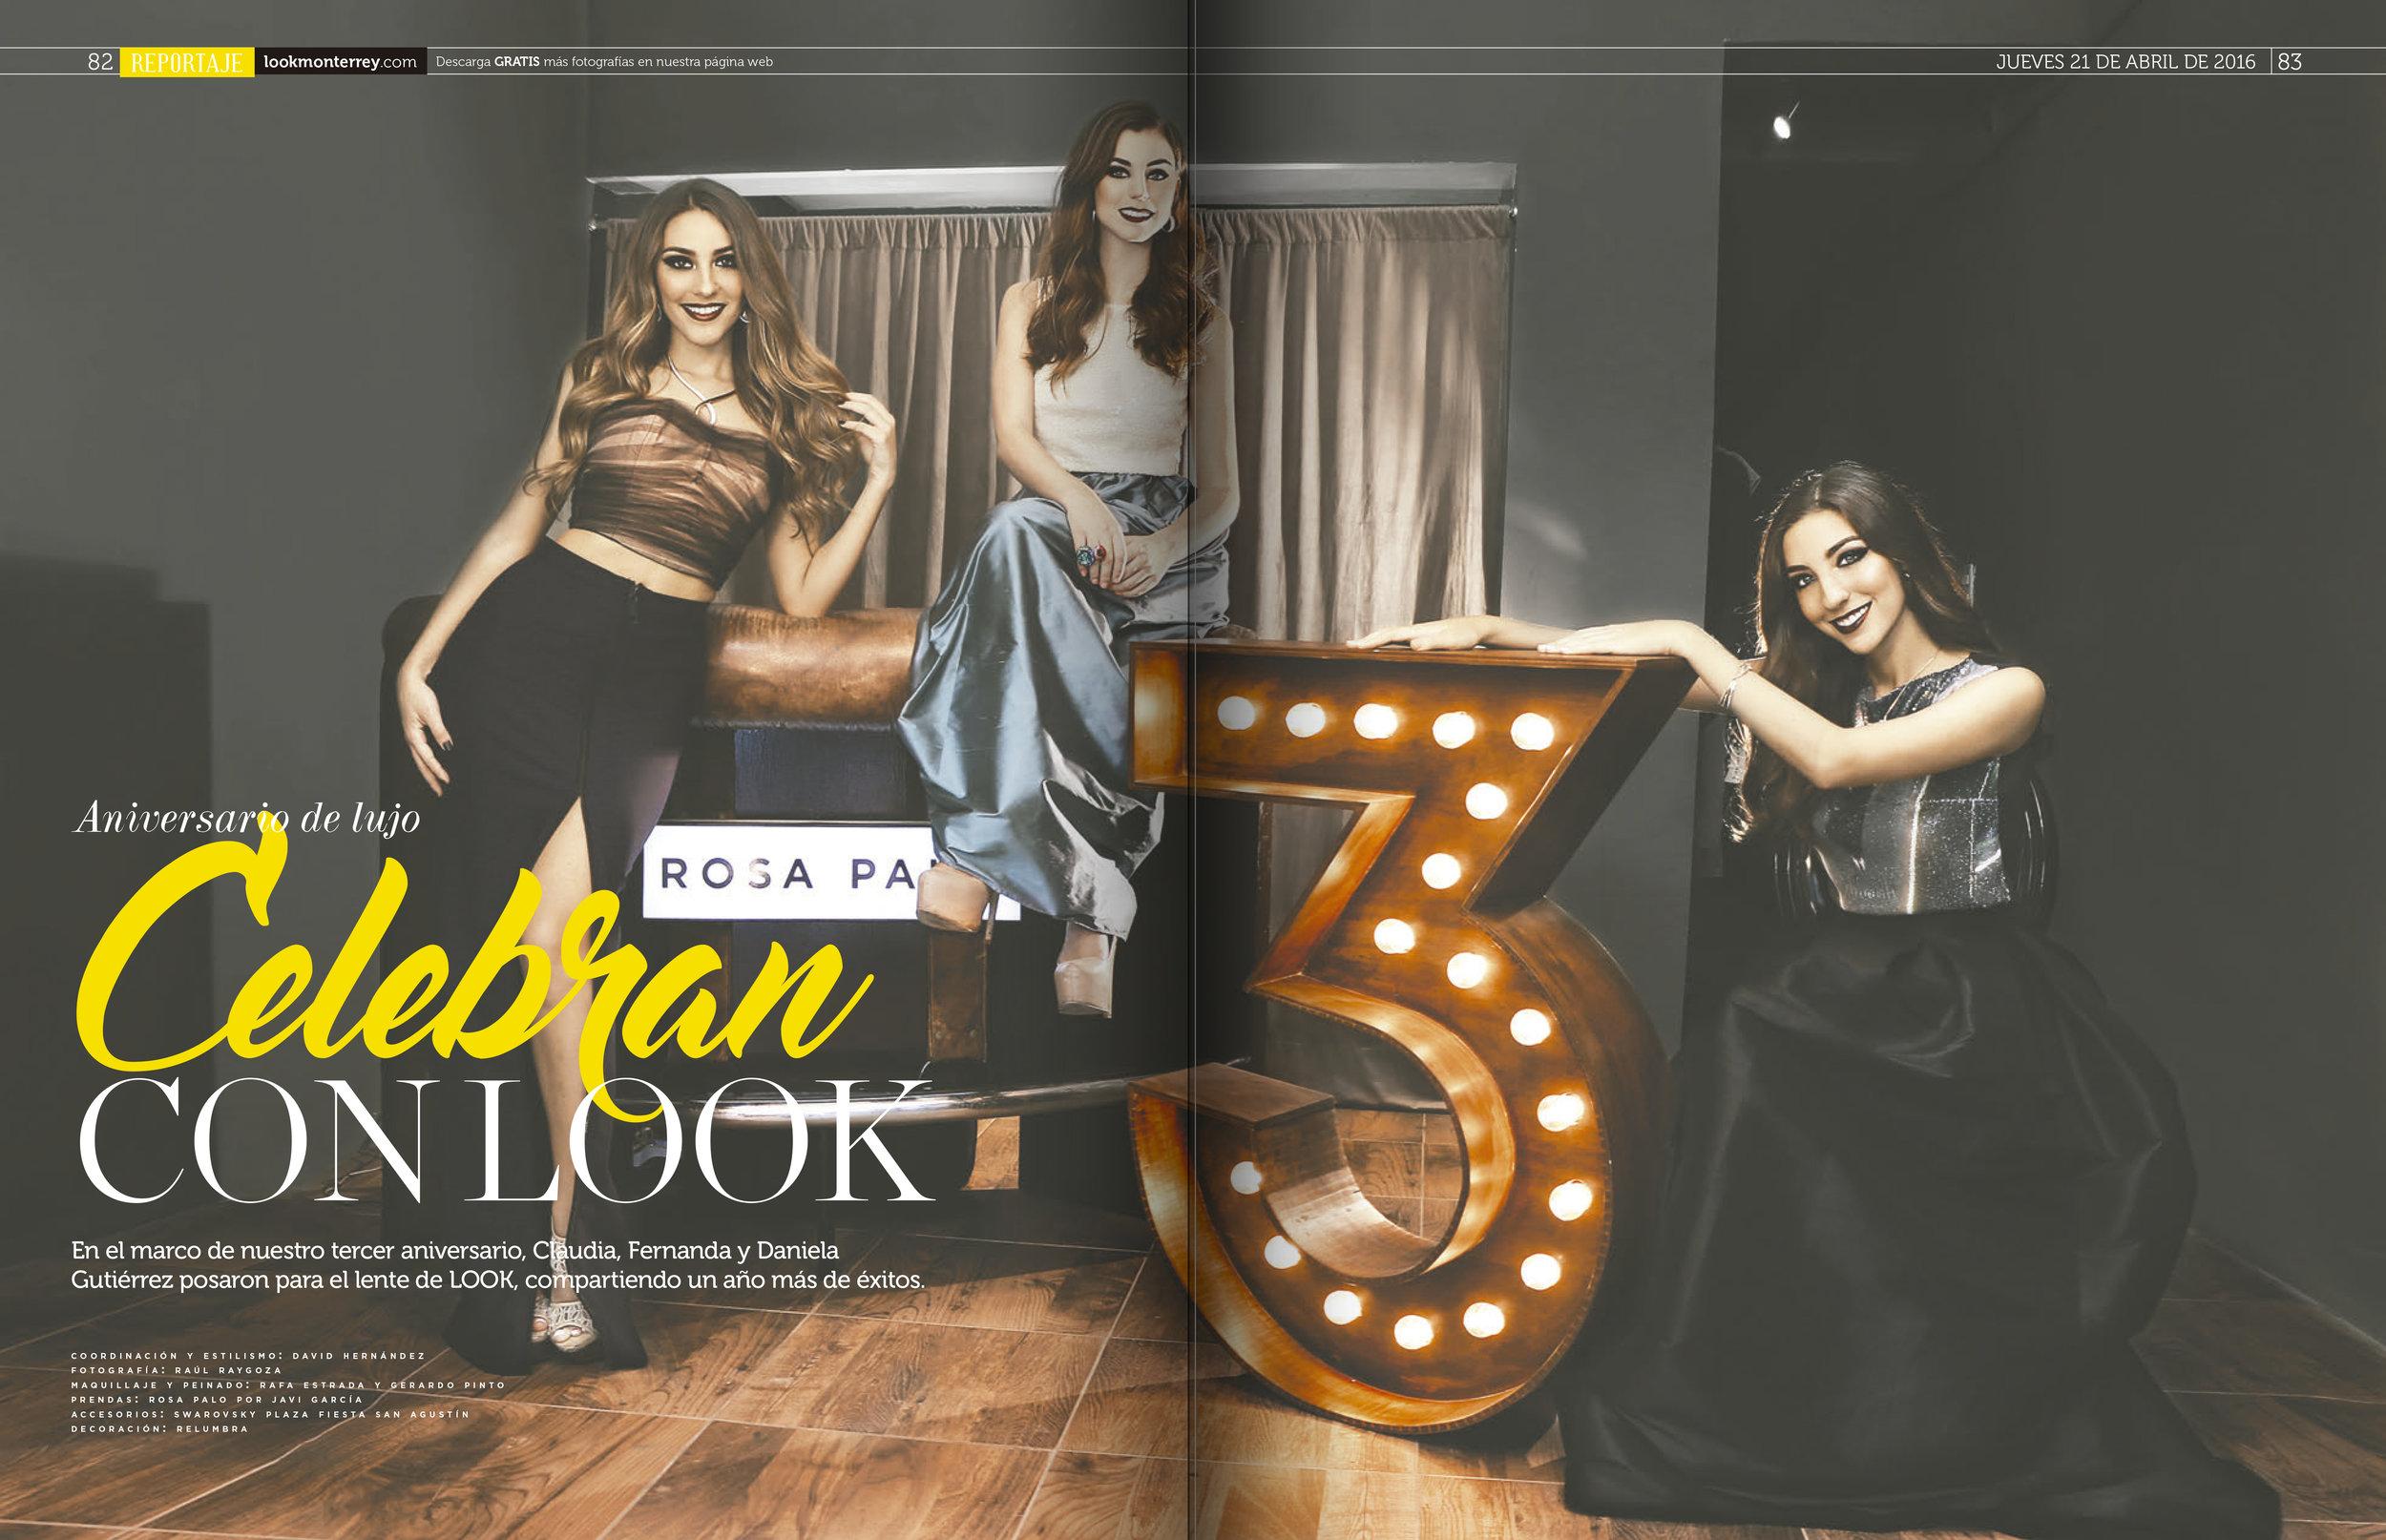 Revista Look 3r aniversario 2016.